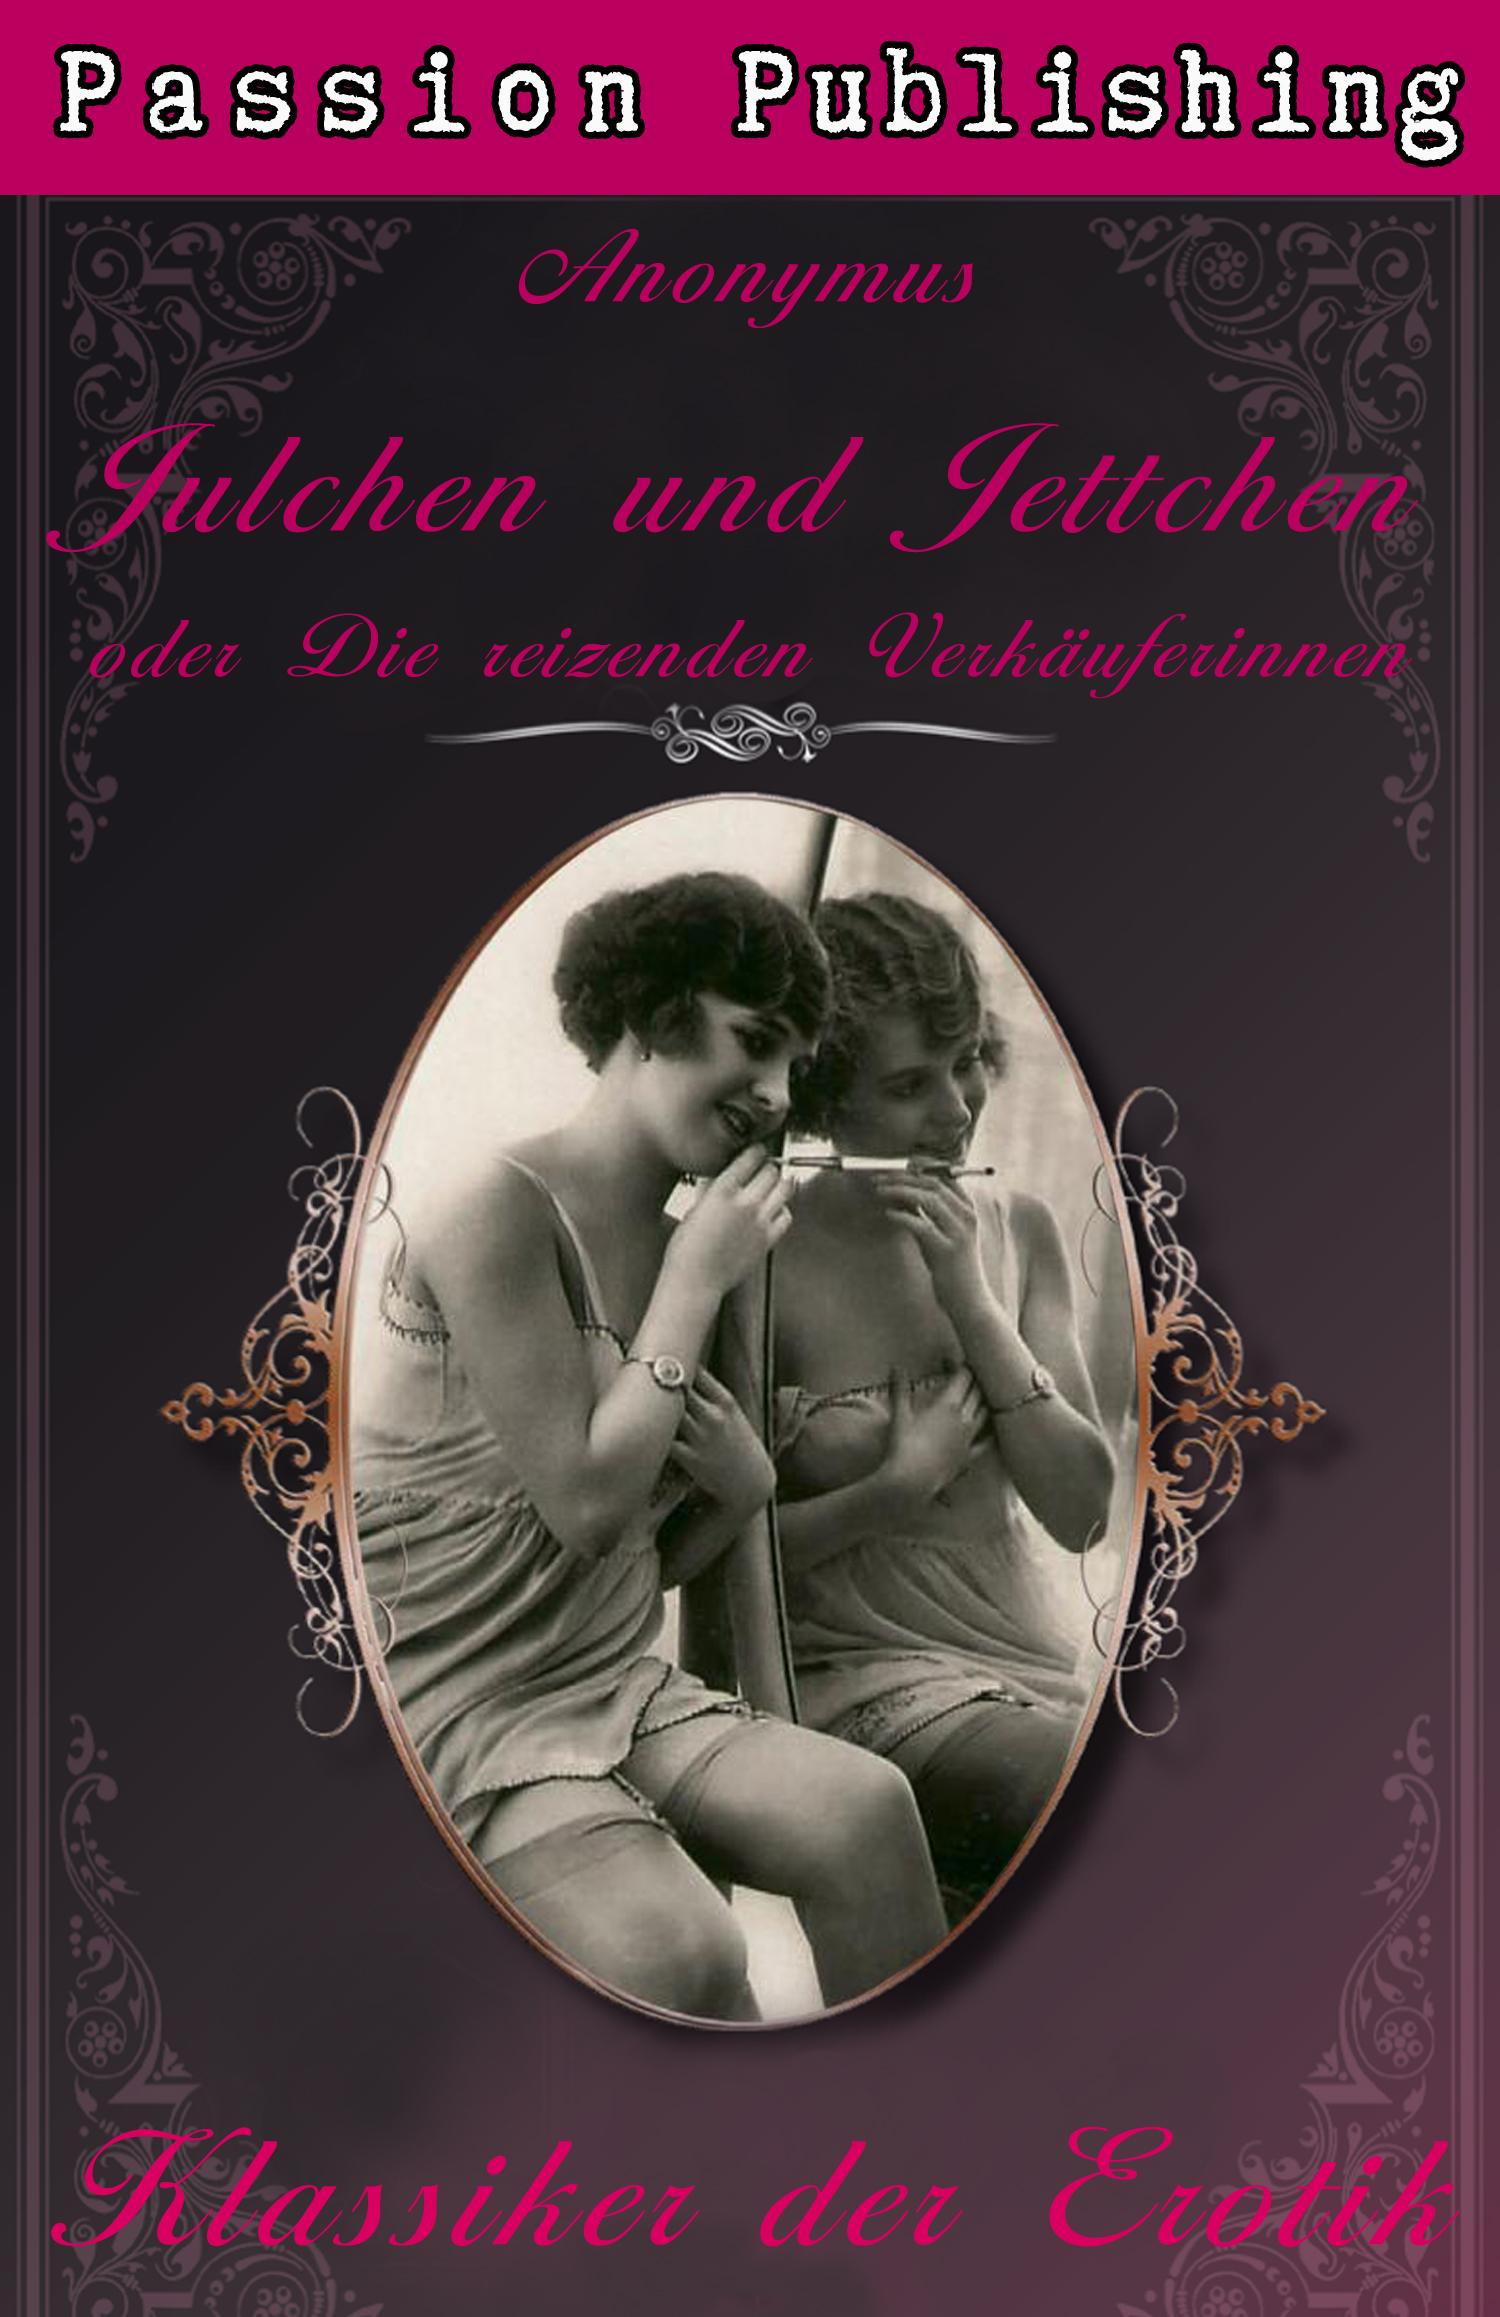 Anonymus Klassiker der Erotik 15: Julchen und Jettchen